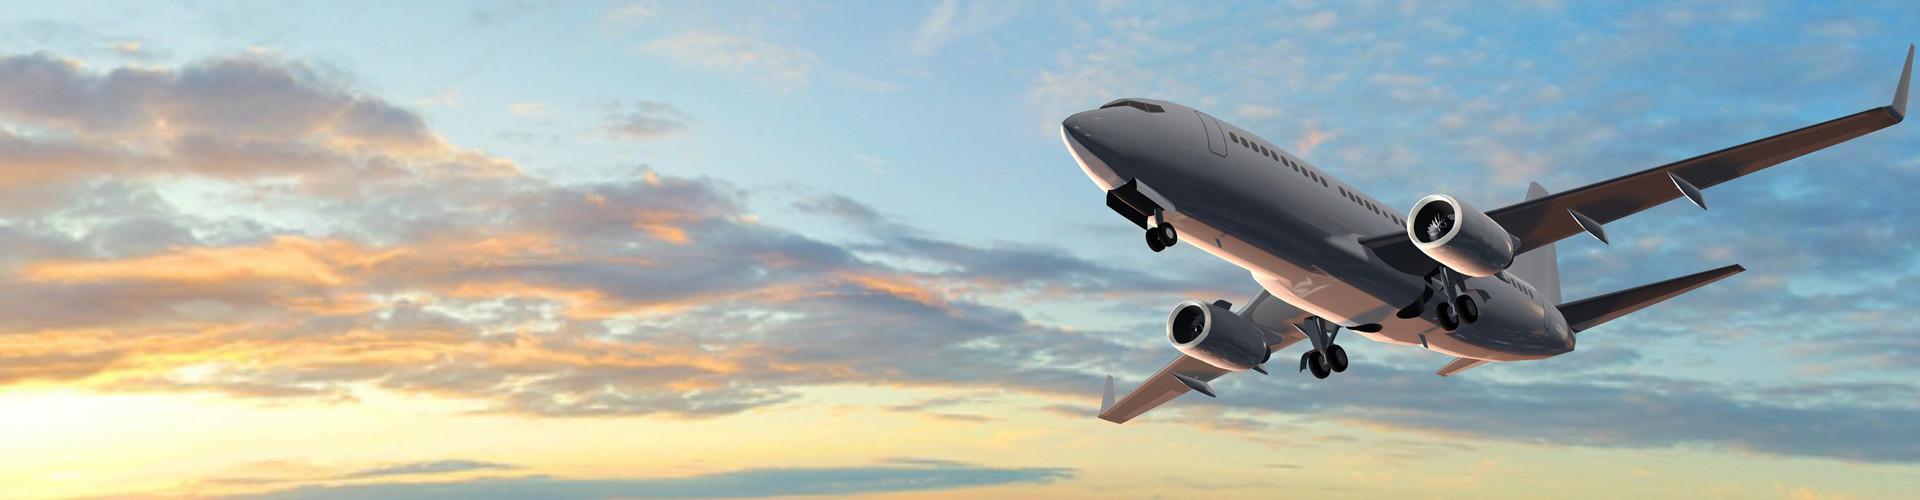 Vor einem leicht bewölkten Himmel mit Morgenrot sieht man ein Passagierflugzeug von schräg links unten. © Riko Best, stock.adobe.com